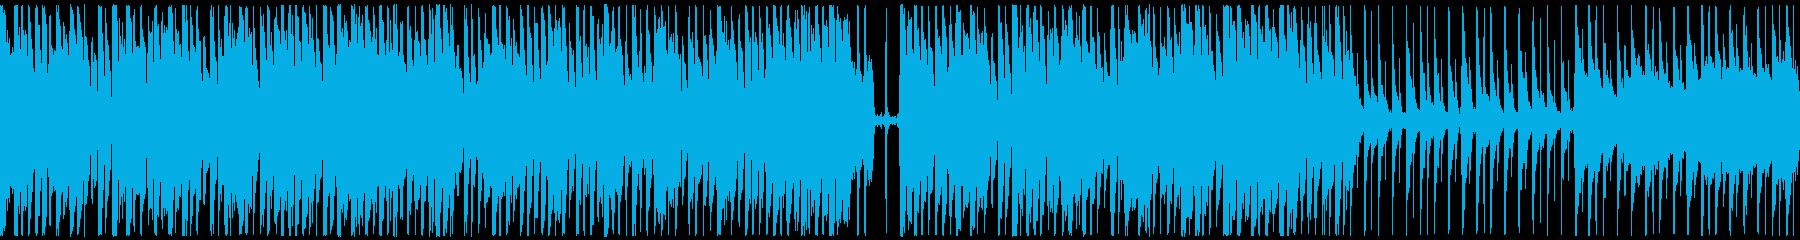 Chorus & band heartwarming loop's reproduced waveform